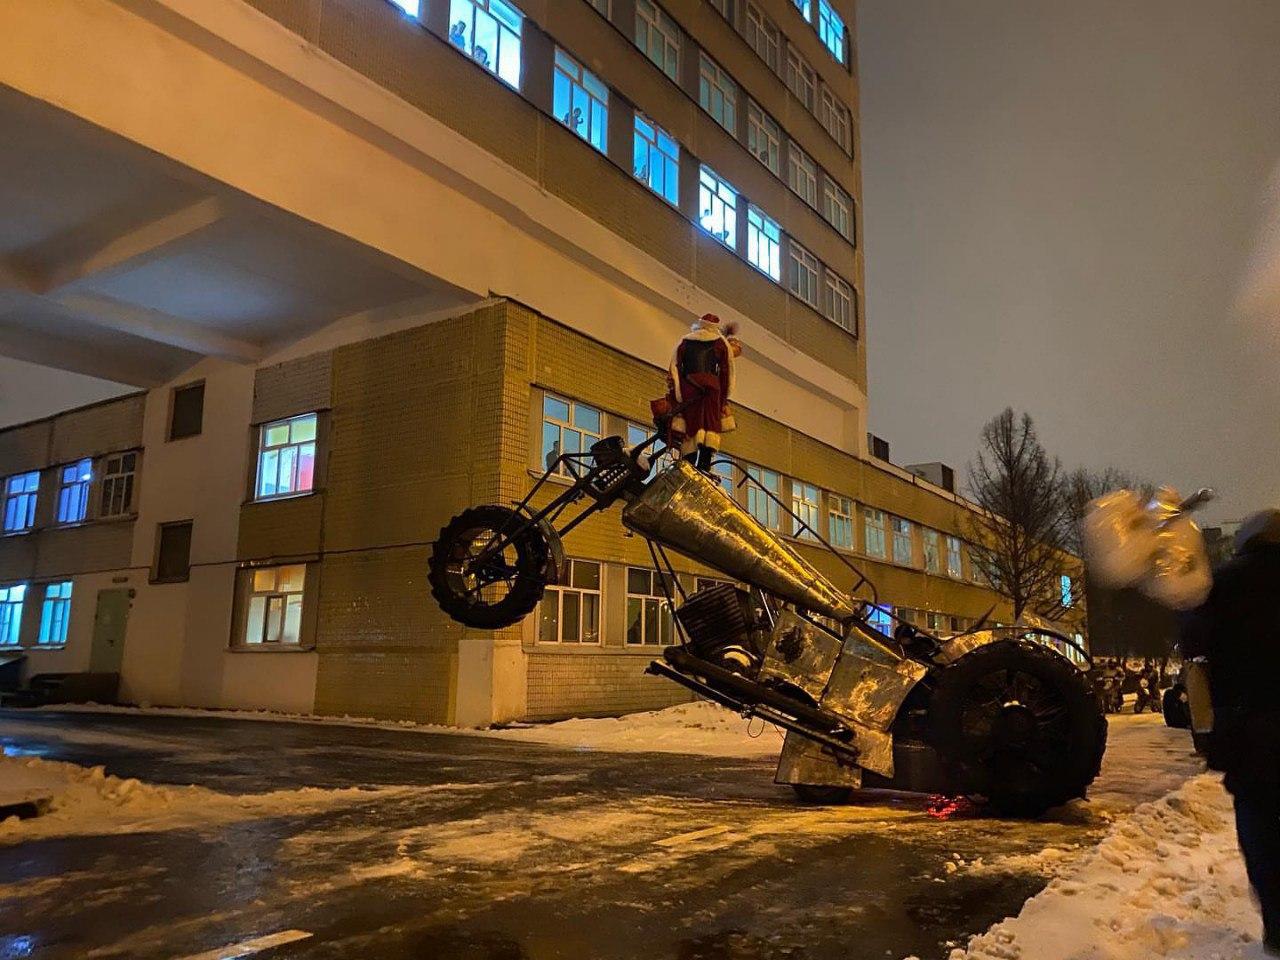 Сегодня, 31 декабря, под занавес последнего дня уходящего 2020 года в больнице прошло ещё одно грандиозное мероприятие, которое провели наши друзья байкеры из Ночных Волков и БФ «Мотомилосердие»